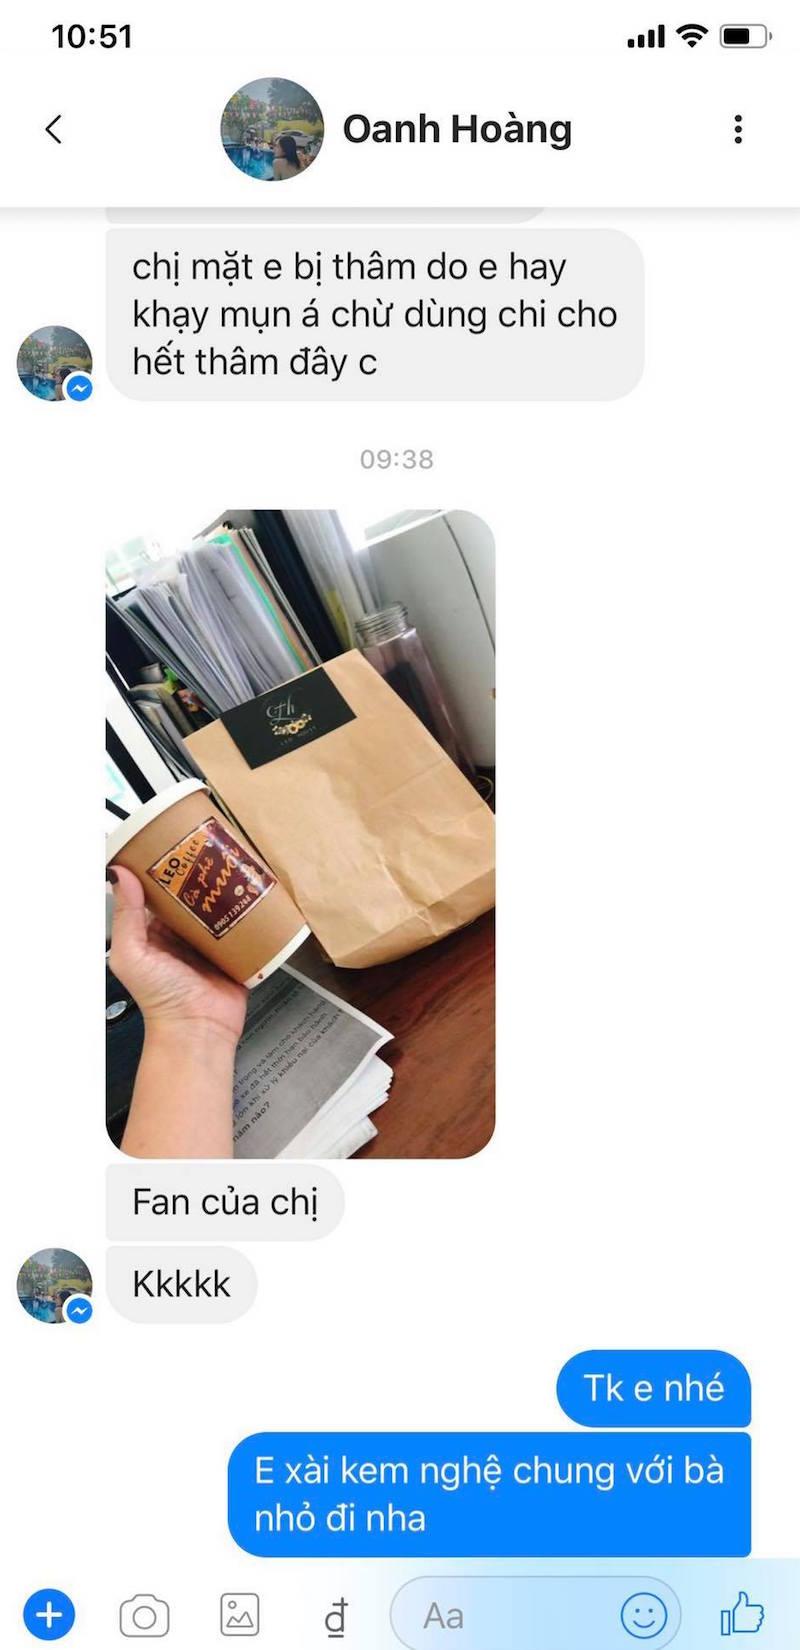 Cô nàng xứ Quảng lấn sang sân kinh doanh mới: Cà phê muối Leo 10